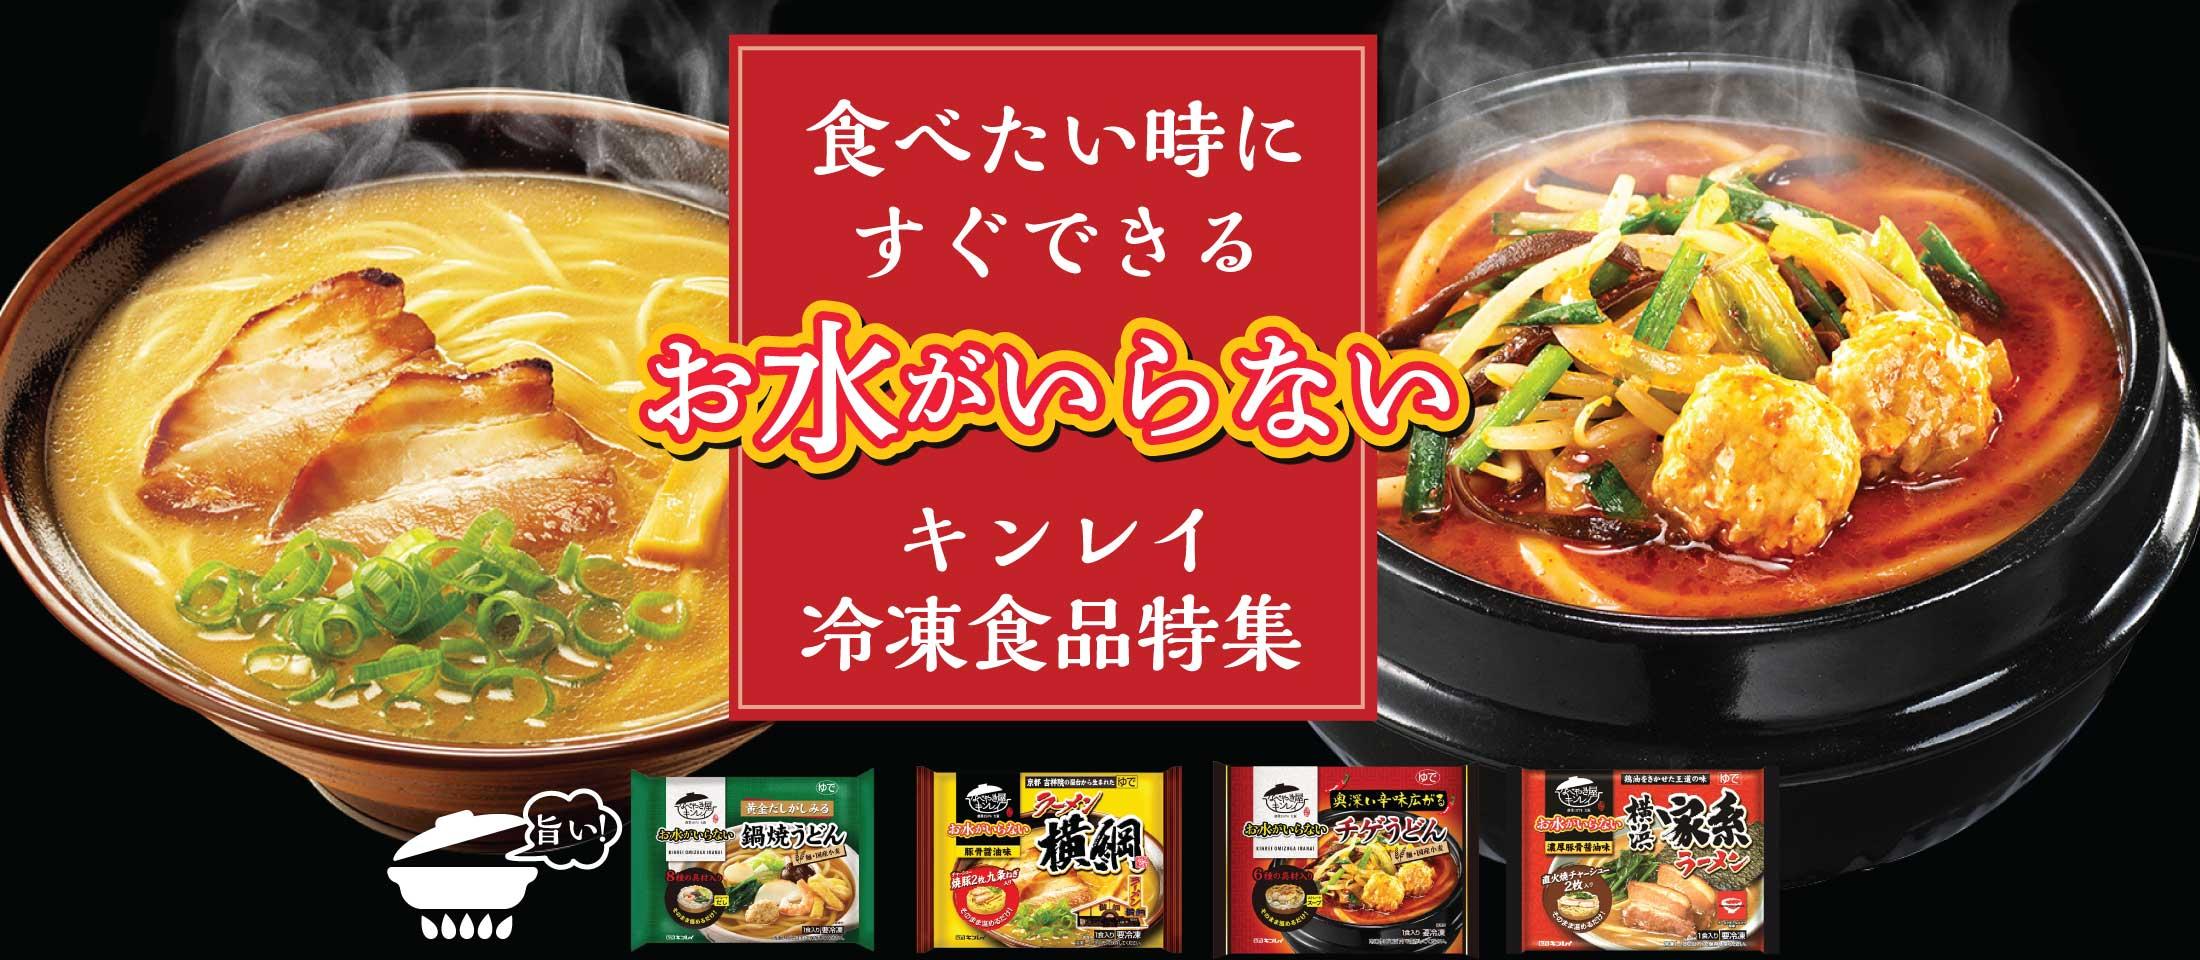 キンレイお水がいらないシリース特集四選 送料無料 クール便無料  業務用食品・冷凍食品の通販 |ナカヤマフーズ